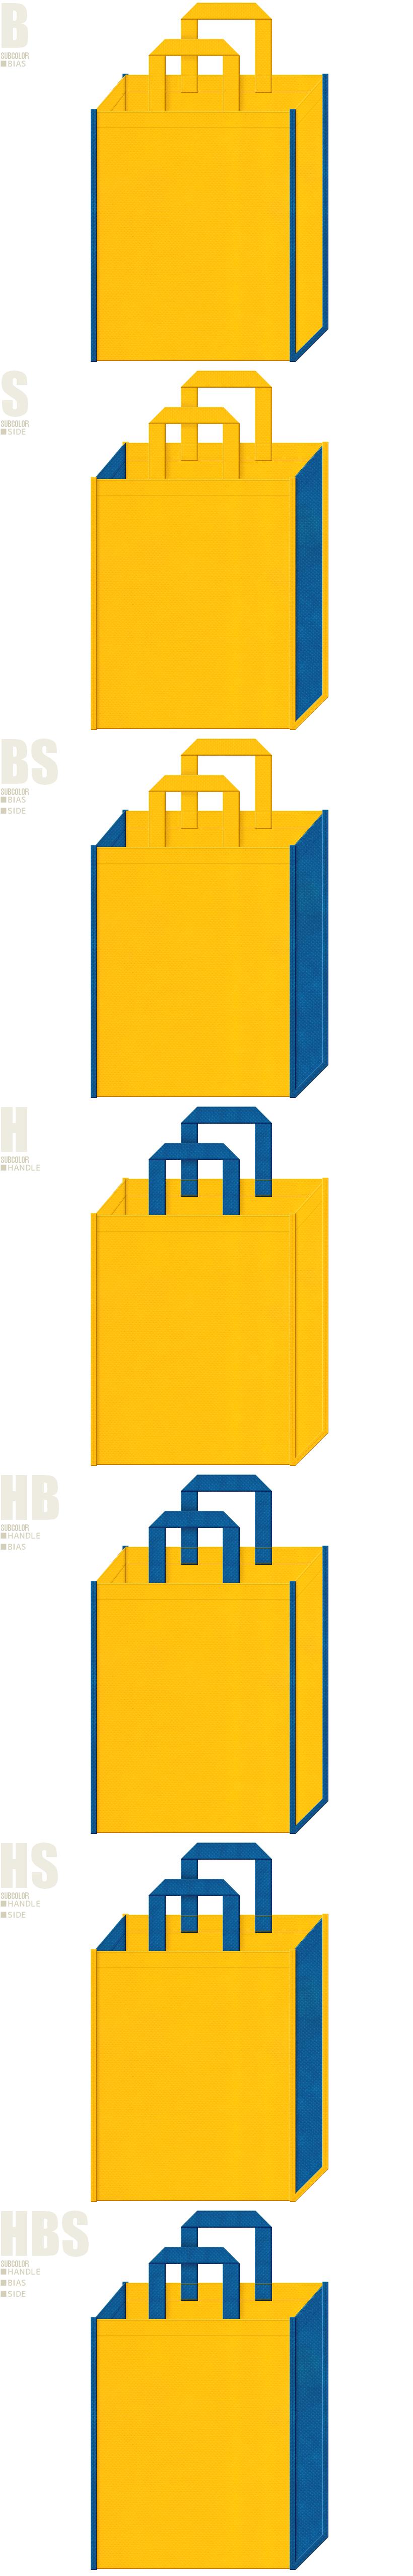 通園バッグ・レッスンバッグ・おもちゃ・ゲーム・テーマパーク・キッズイベントにお奨めの不織布バッグデザイン:黄色と青色の配色7パターン